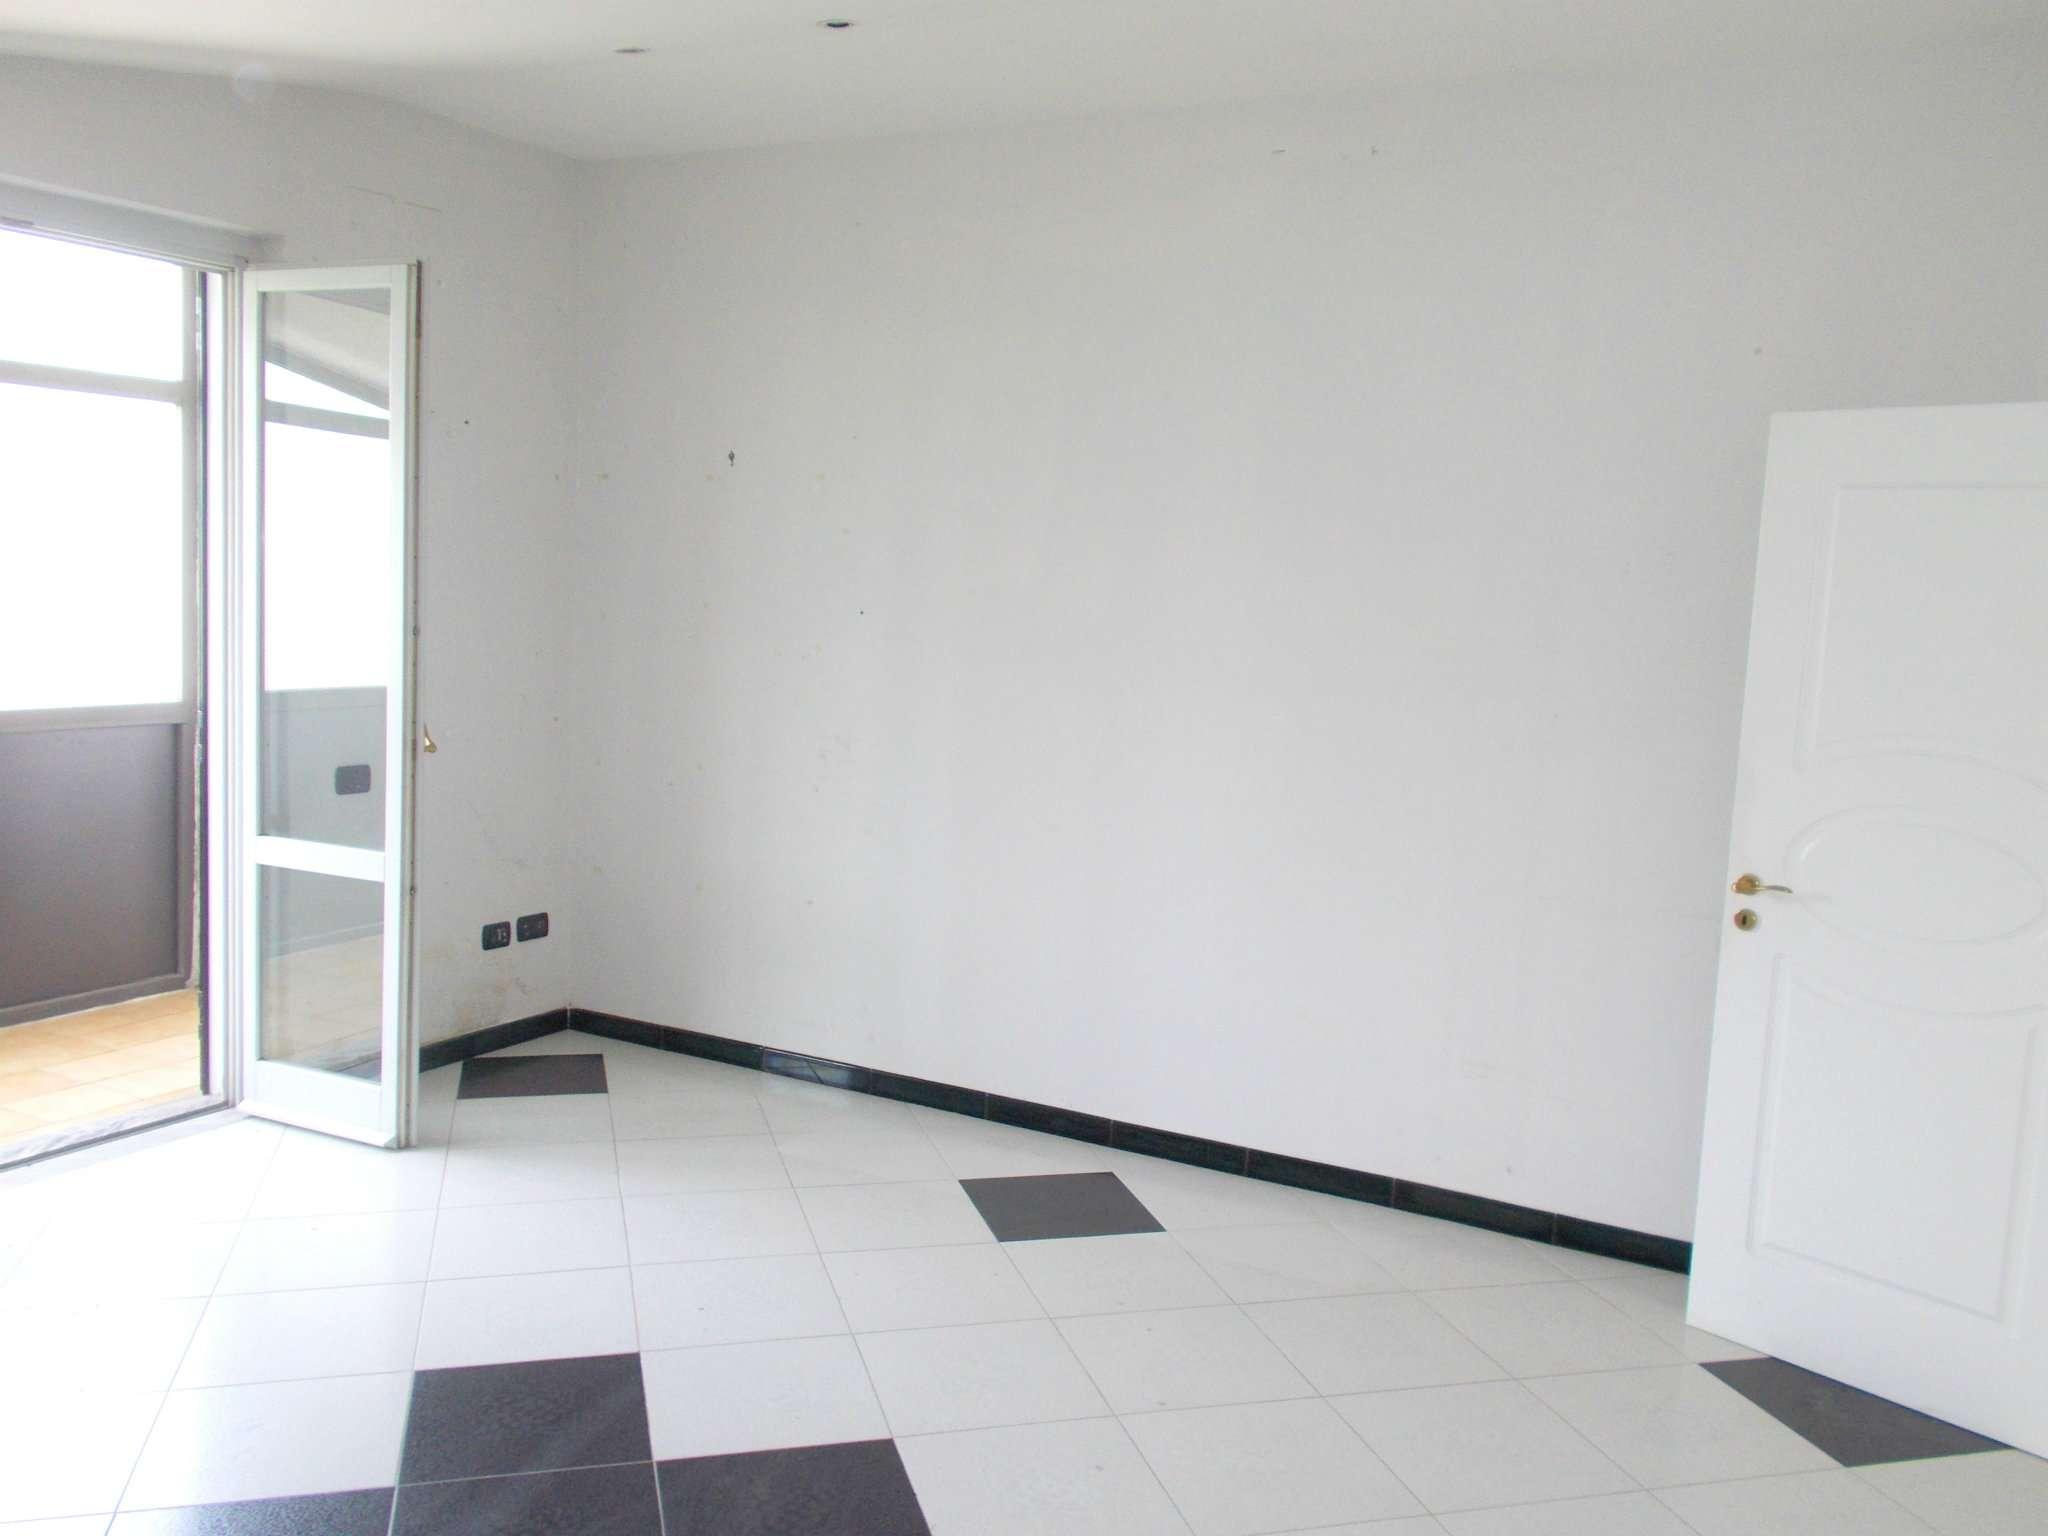 Appartamento in vendita a Arienzo, 4 locali, prezzo € 80.000 | CambioCasa.it